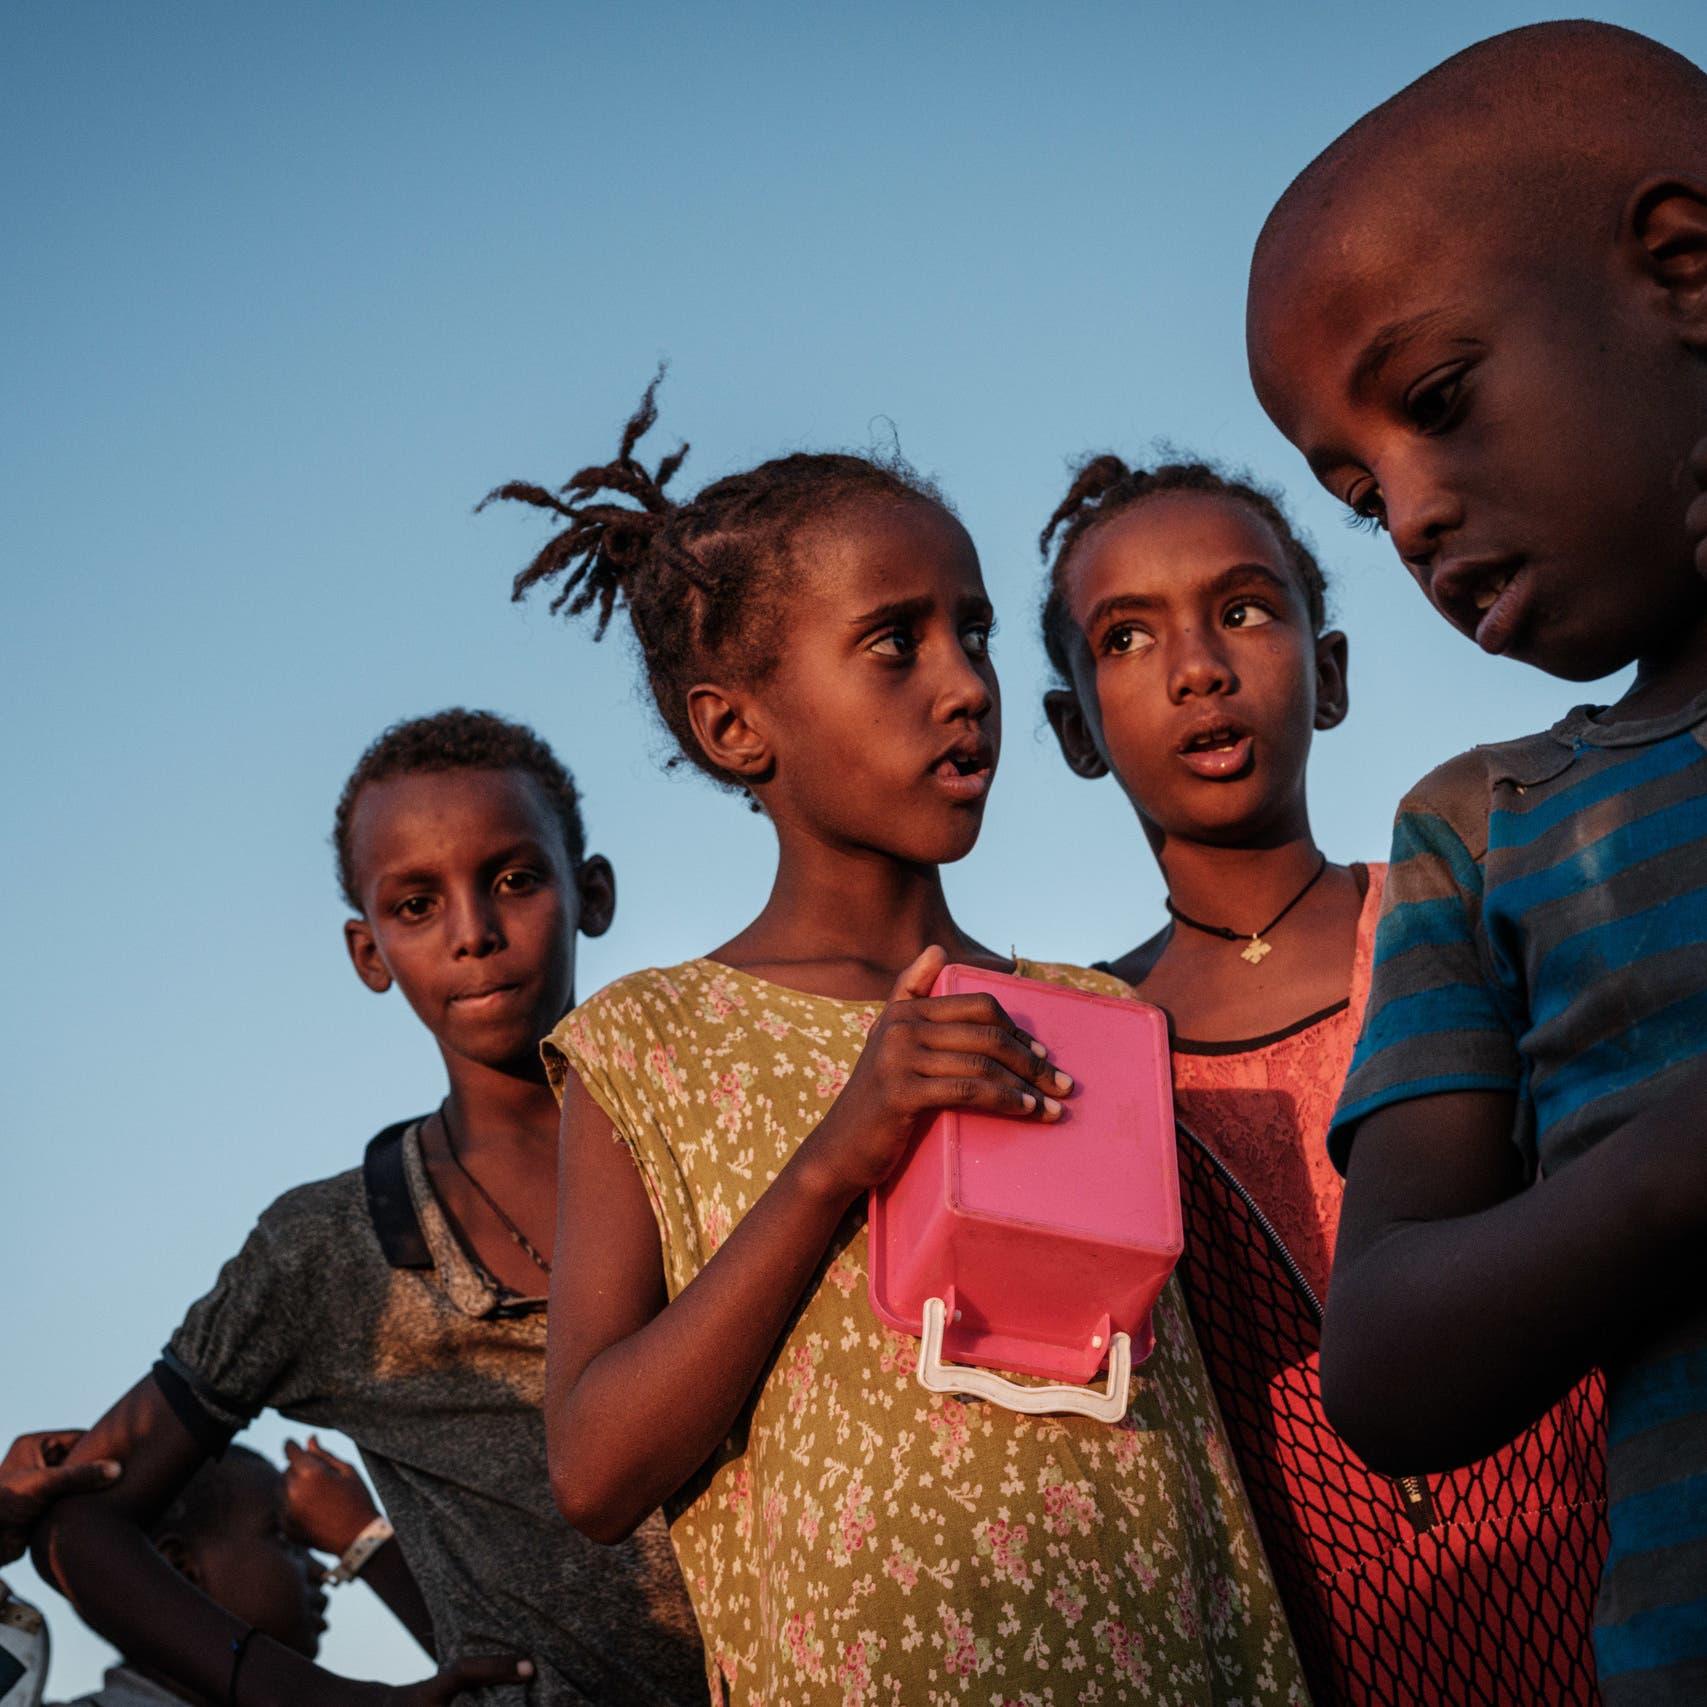 اتفاق أممي إثيوبي لإيصال المساعدات إلى تيغراي دون عوائق